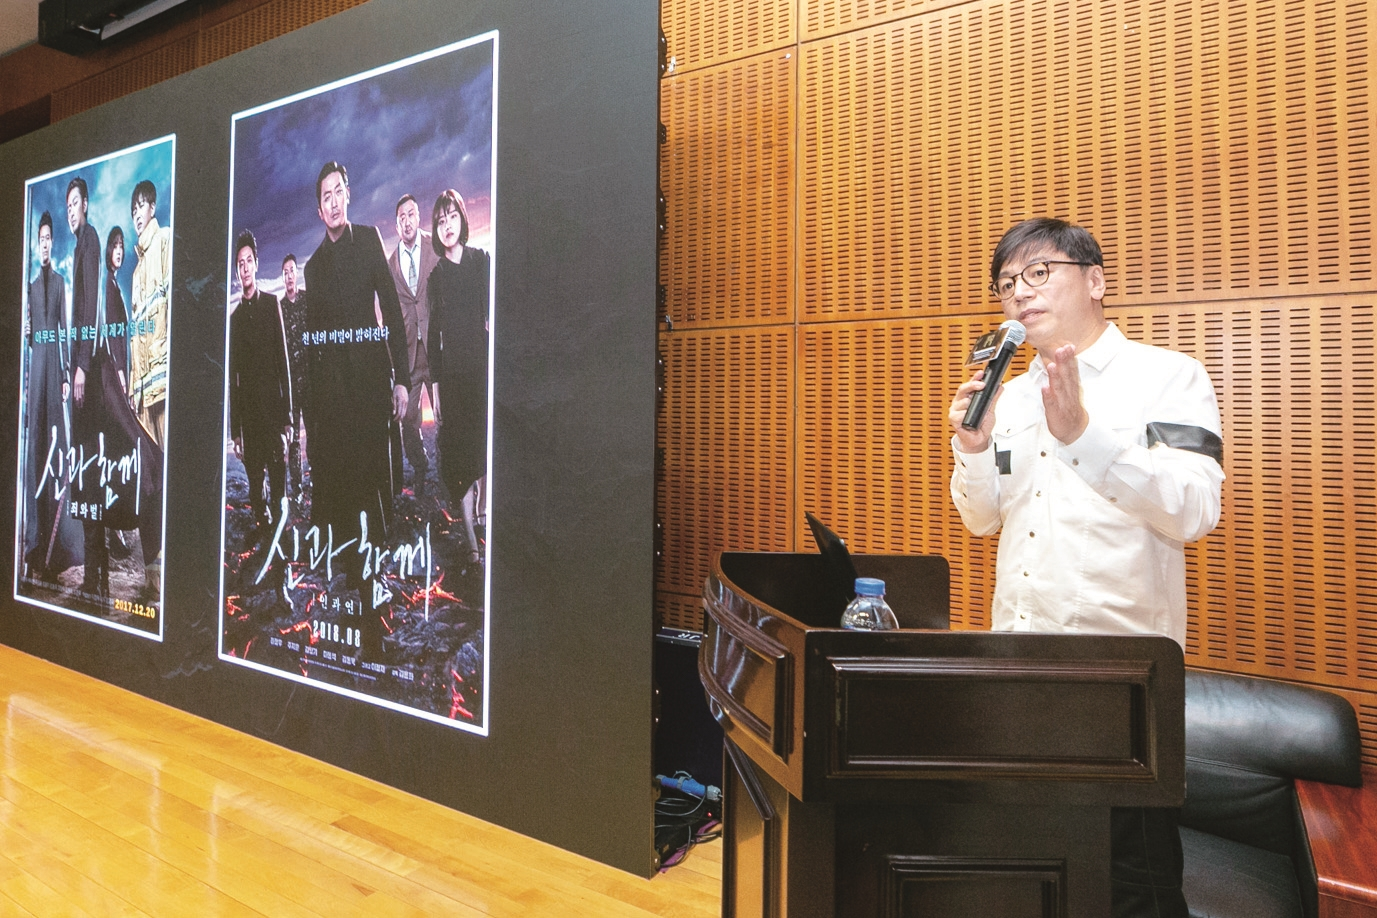 韩国奇幻电影教父金容华做客澳门影展大师班